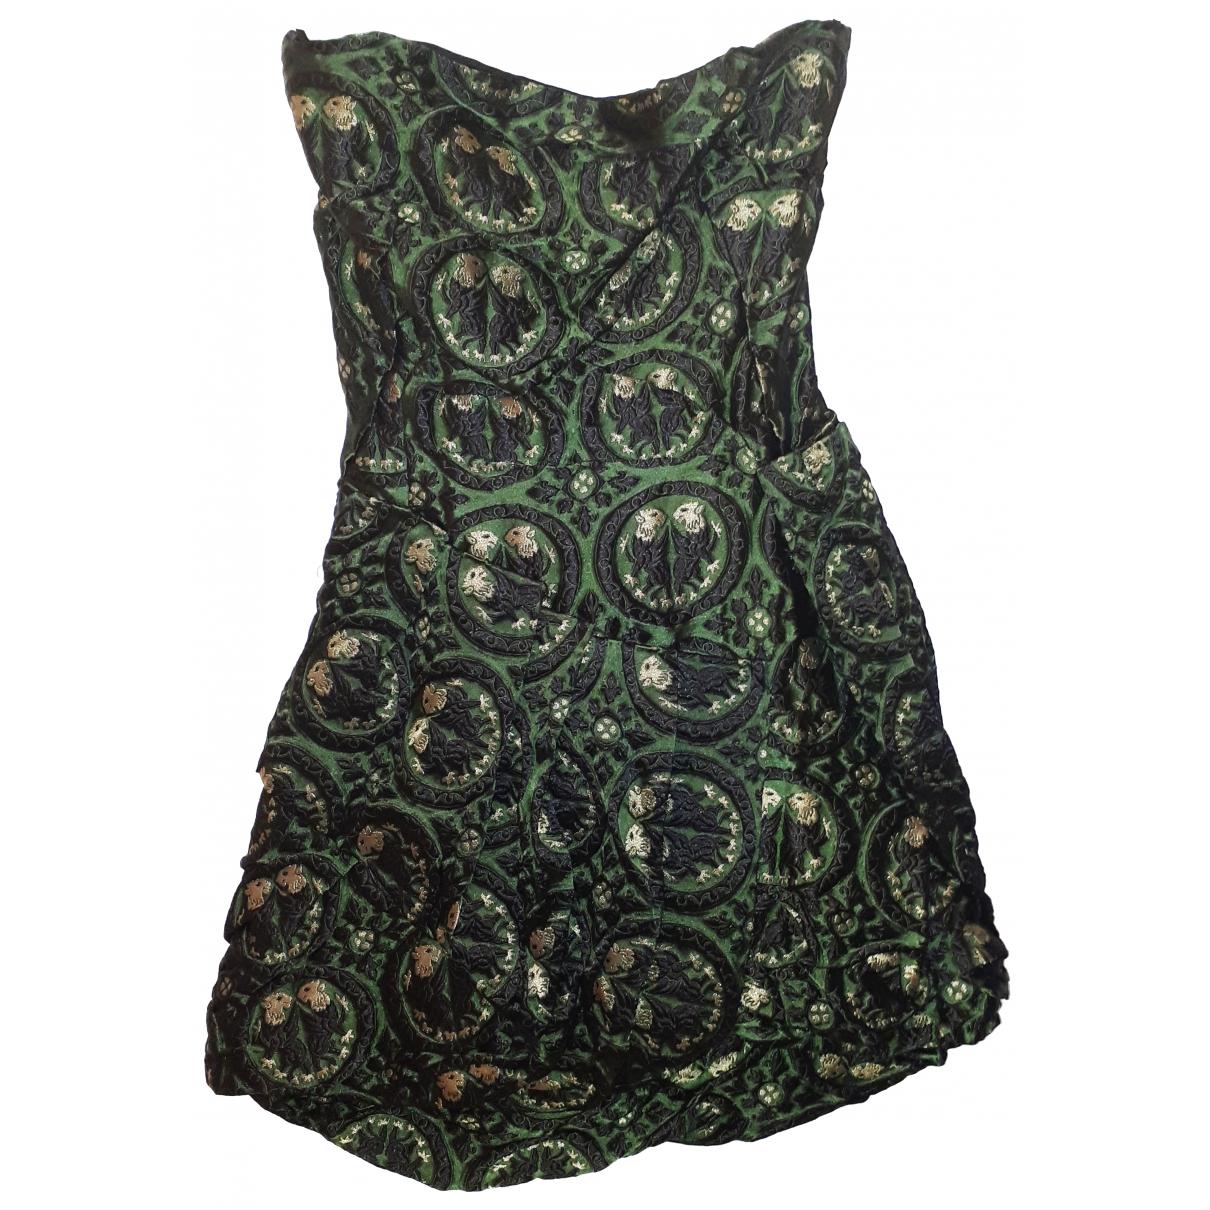 Miu Miu \N Kleid in  Gruen Polyester